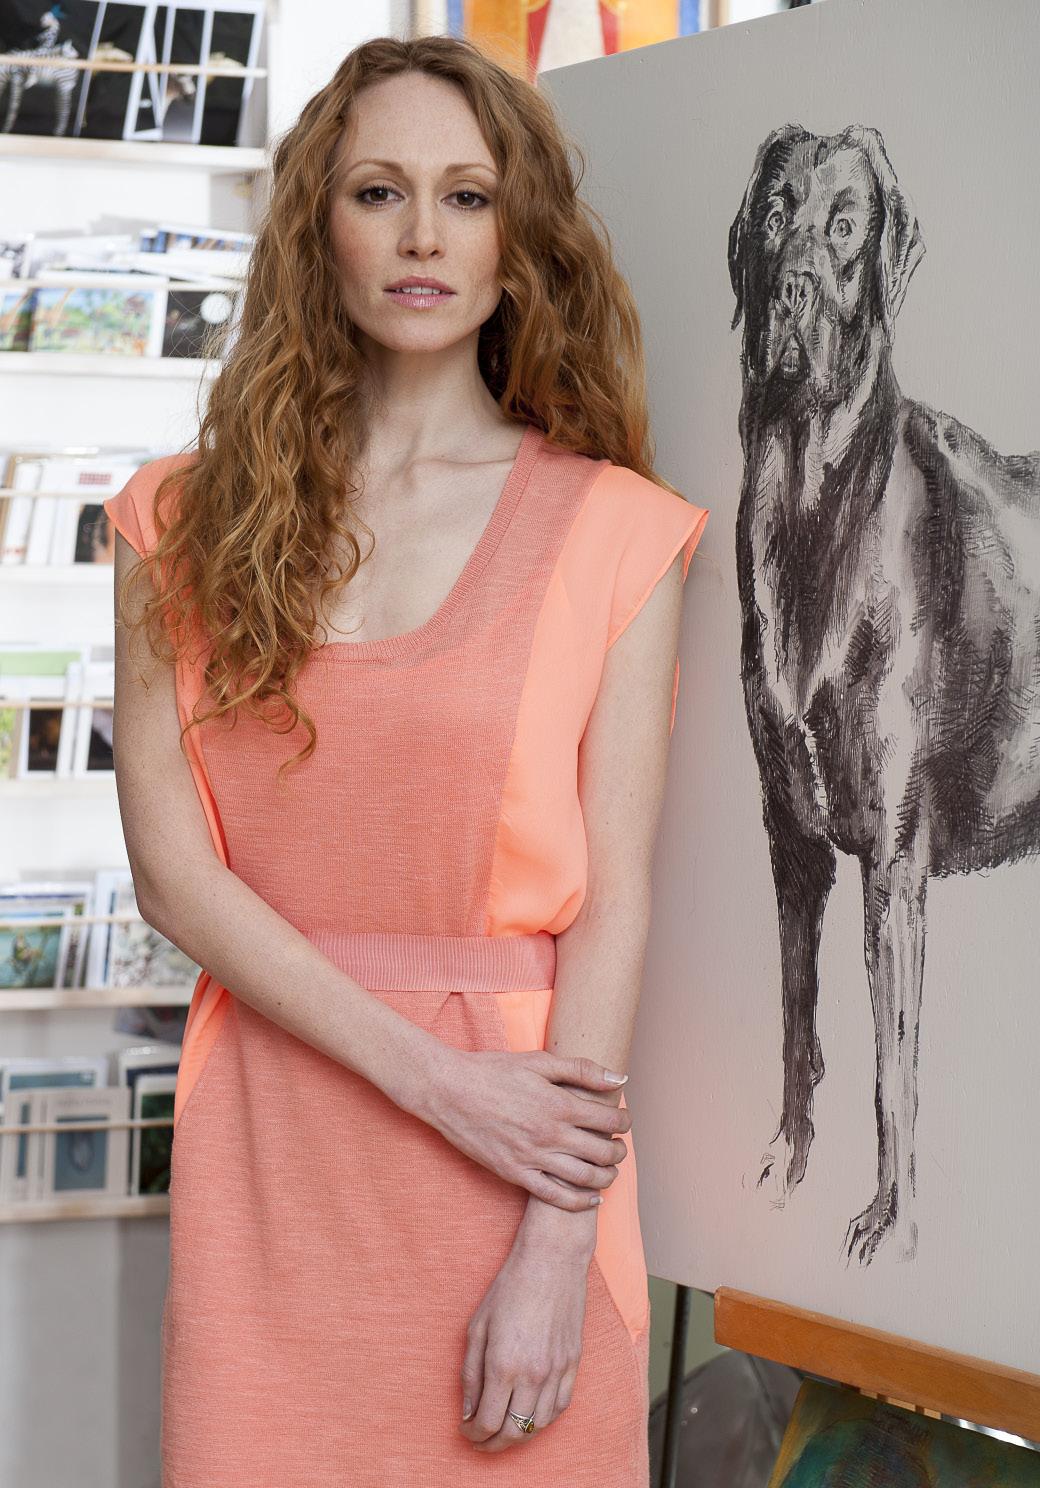 Hoss Intropia panel dress, £145, Figis, Tenterden 01580 762536 www.figisboutique.com; ring, Janine's own. Art: 'Brave' charcoal on board by Geoff Davis, £650, Singing Soul Gallery, Cranbrook 01580 714551 www.marieprett.co.uk